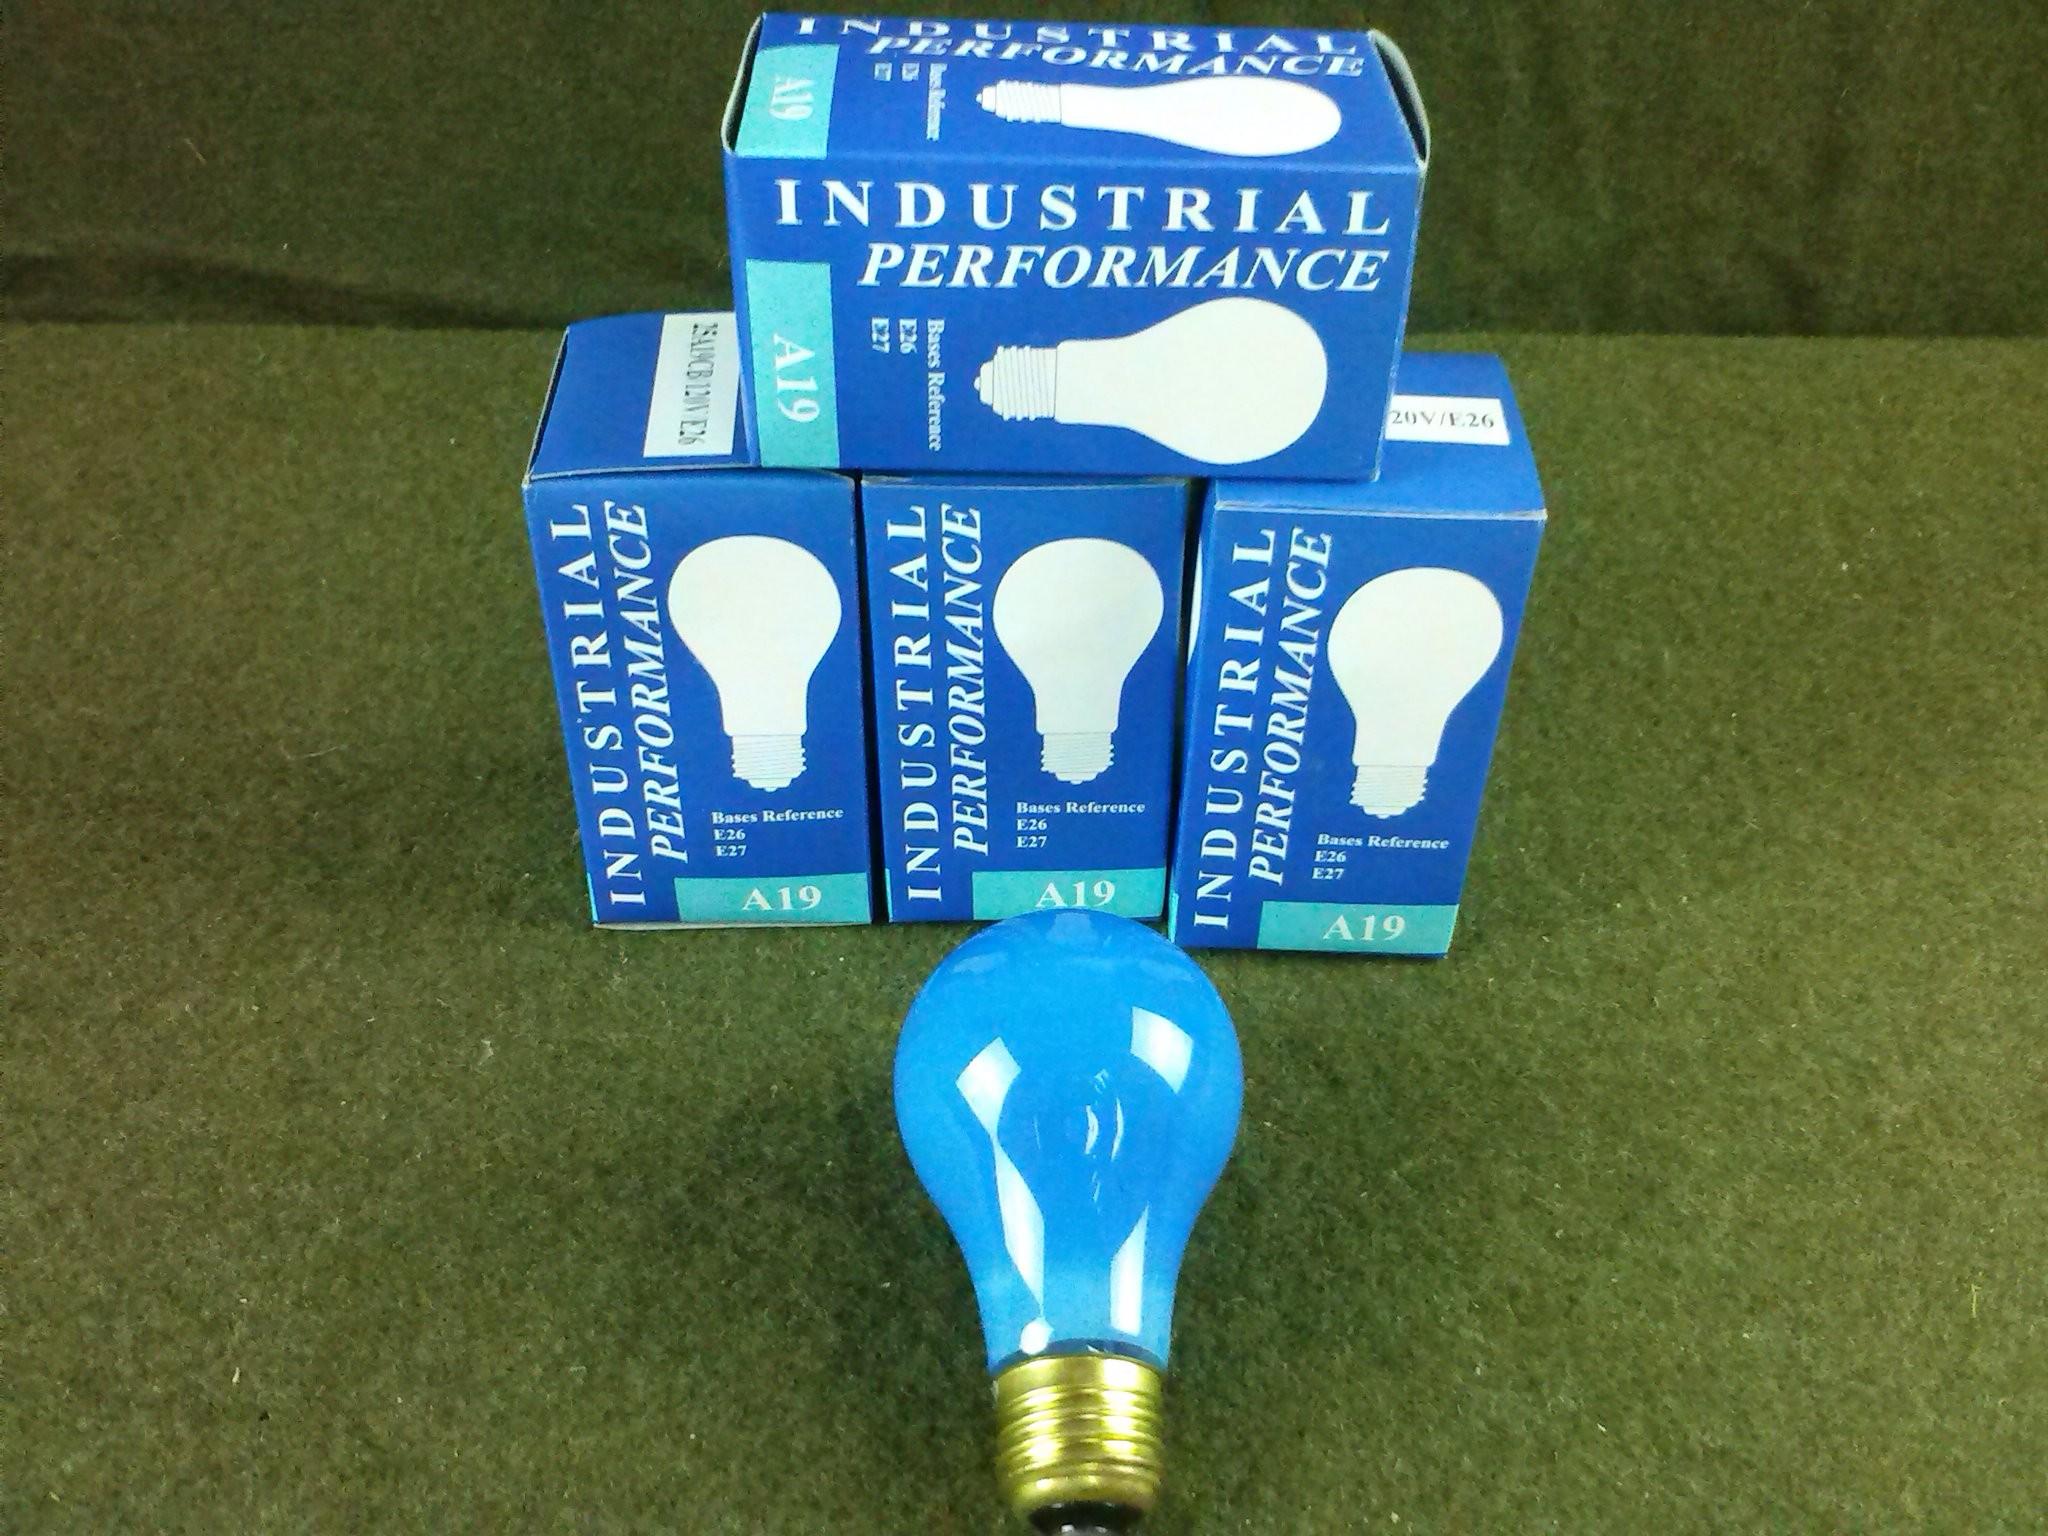 25 Watt A19 E26 Blue Light Bulb Party Light Box of 4 New